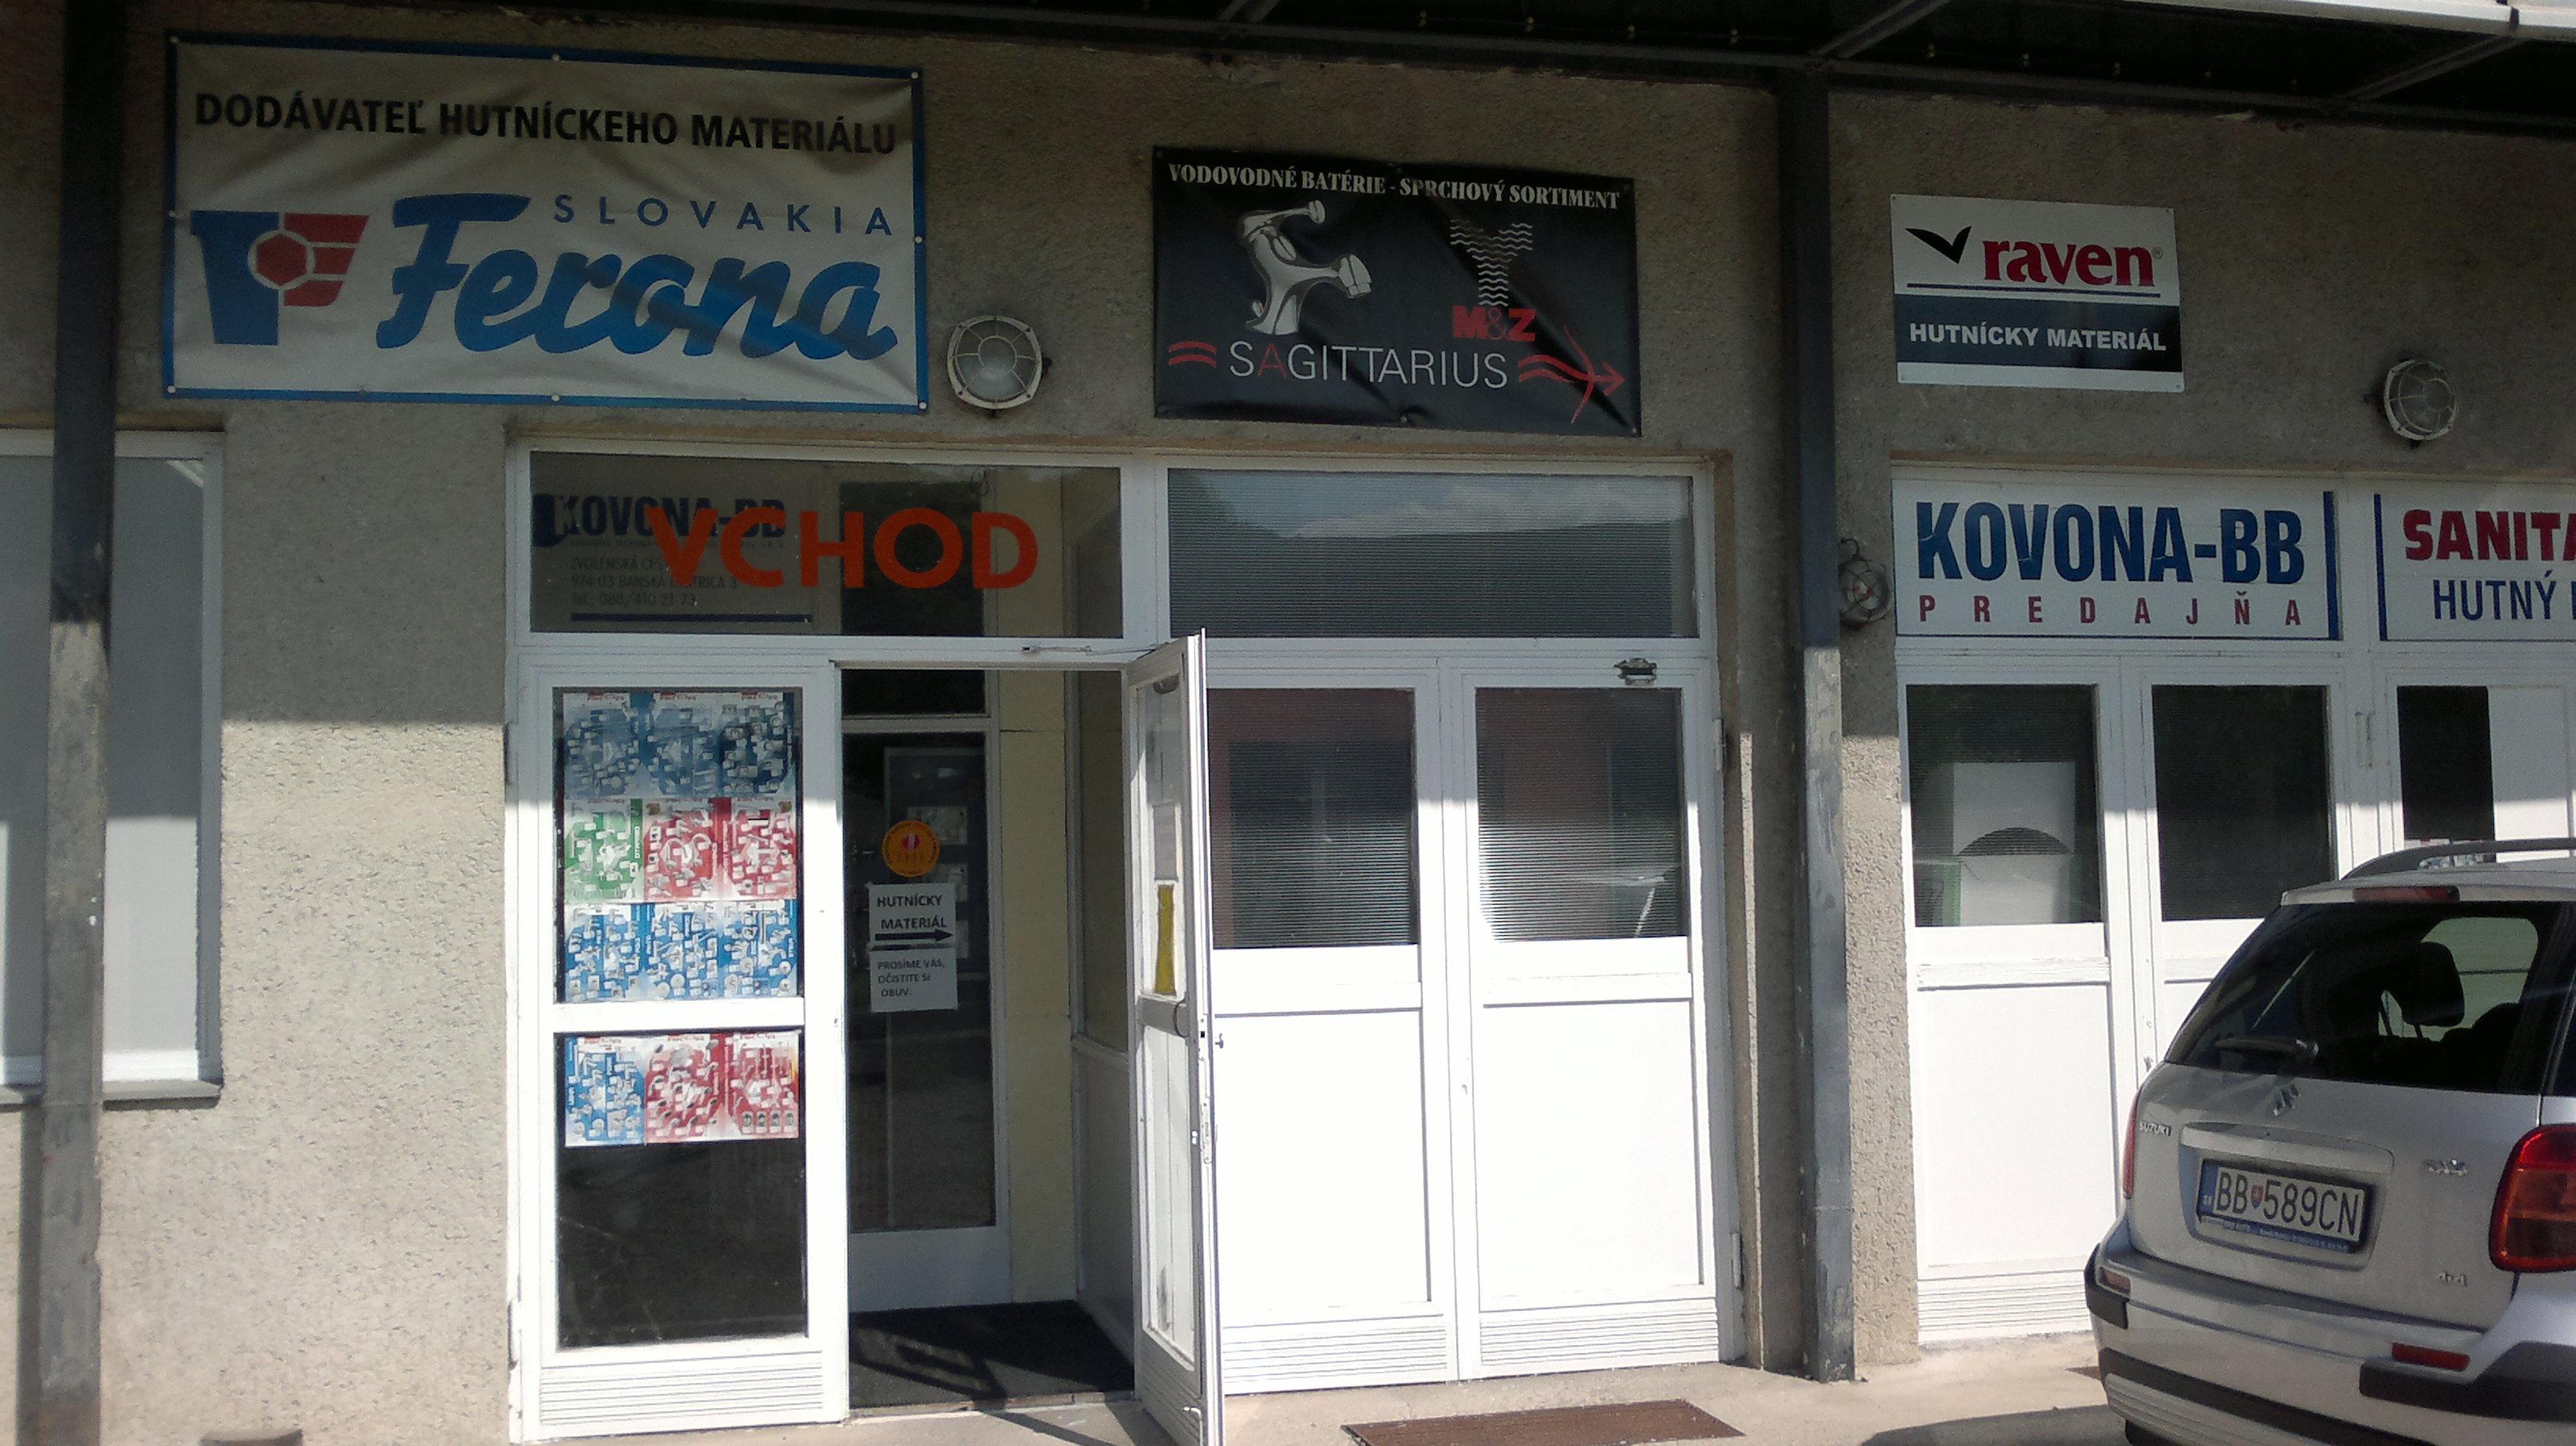 057c873bbd22 KOVONA BB Banská Bystrica - široká po - Katalóg firiem